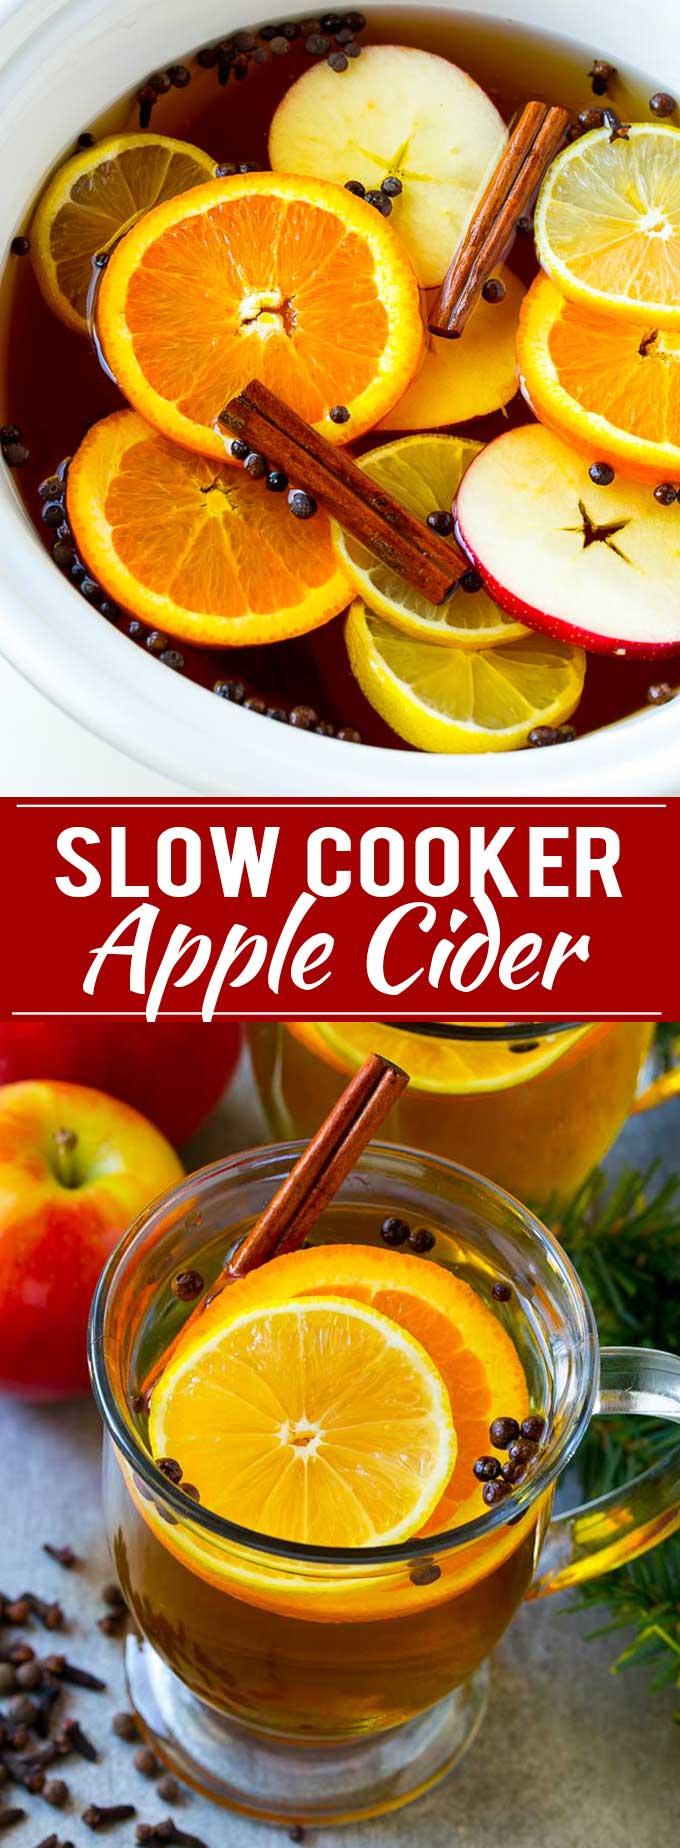 Slow Cooker Apple Cider | Mulled Apple Cider | Crockpot Apple Cider | Apple Cider Recipe with Apple Juice